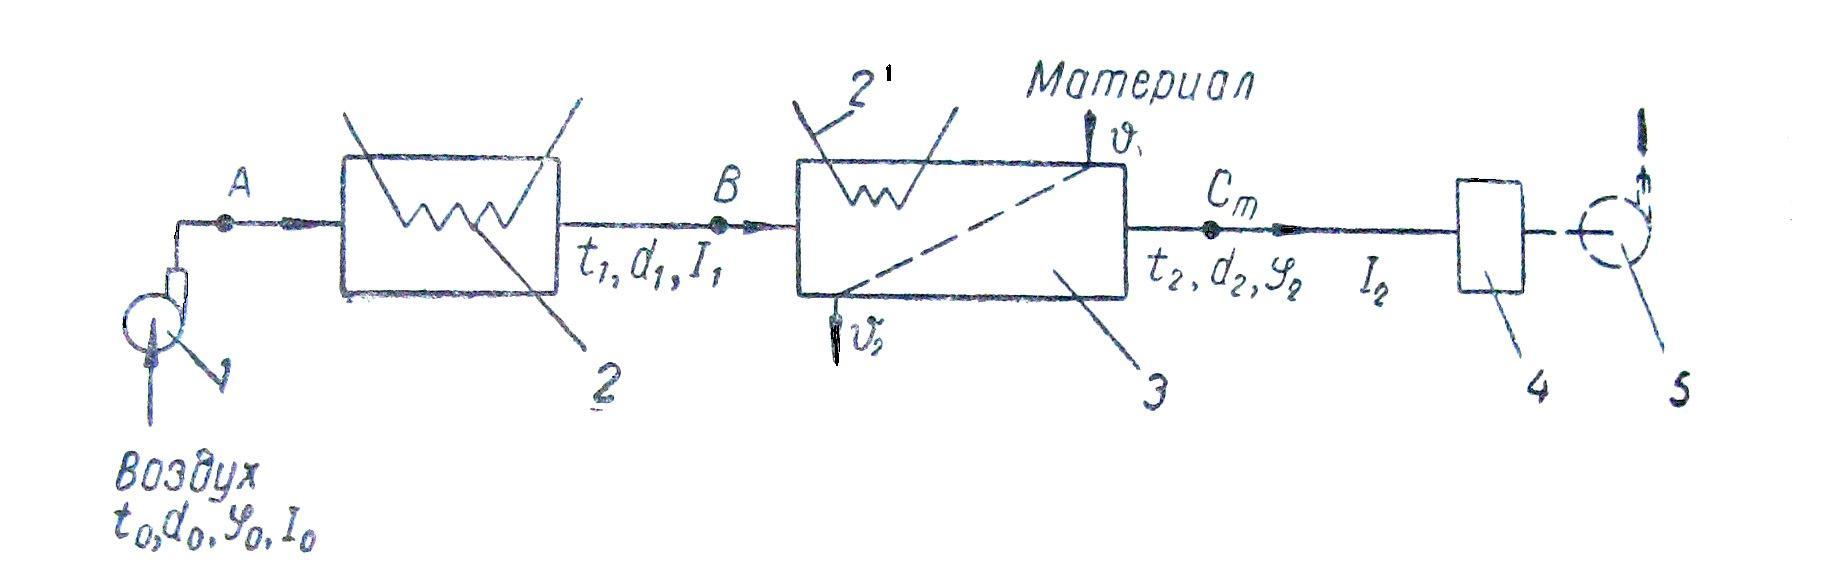 Принципиальная схема сушильной установки Сушка полидисперсных материалов